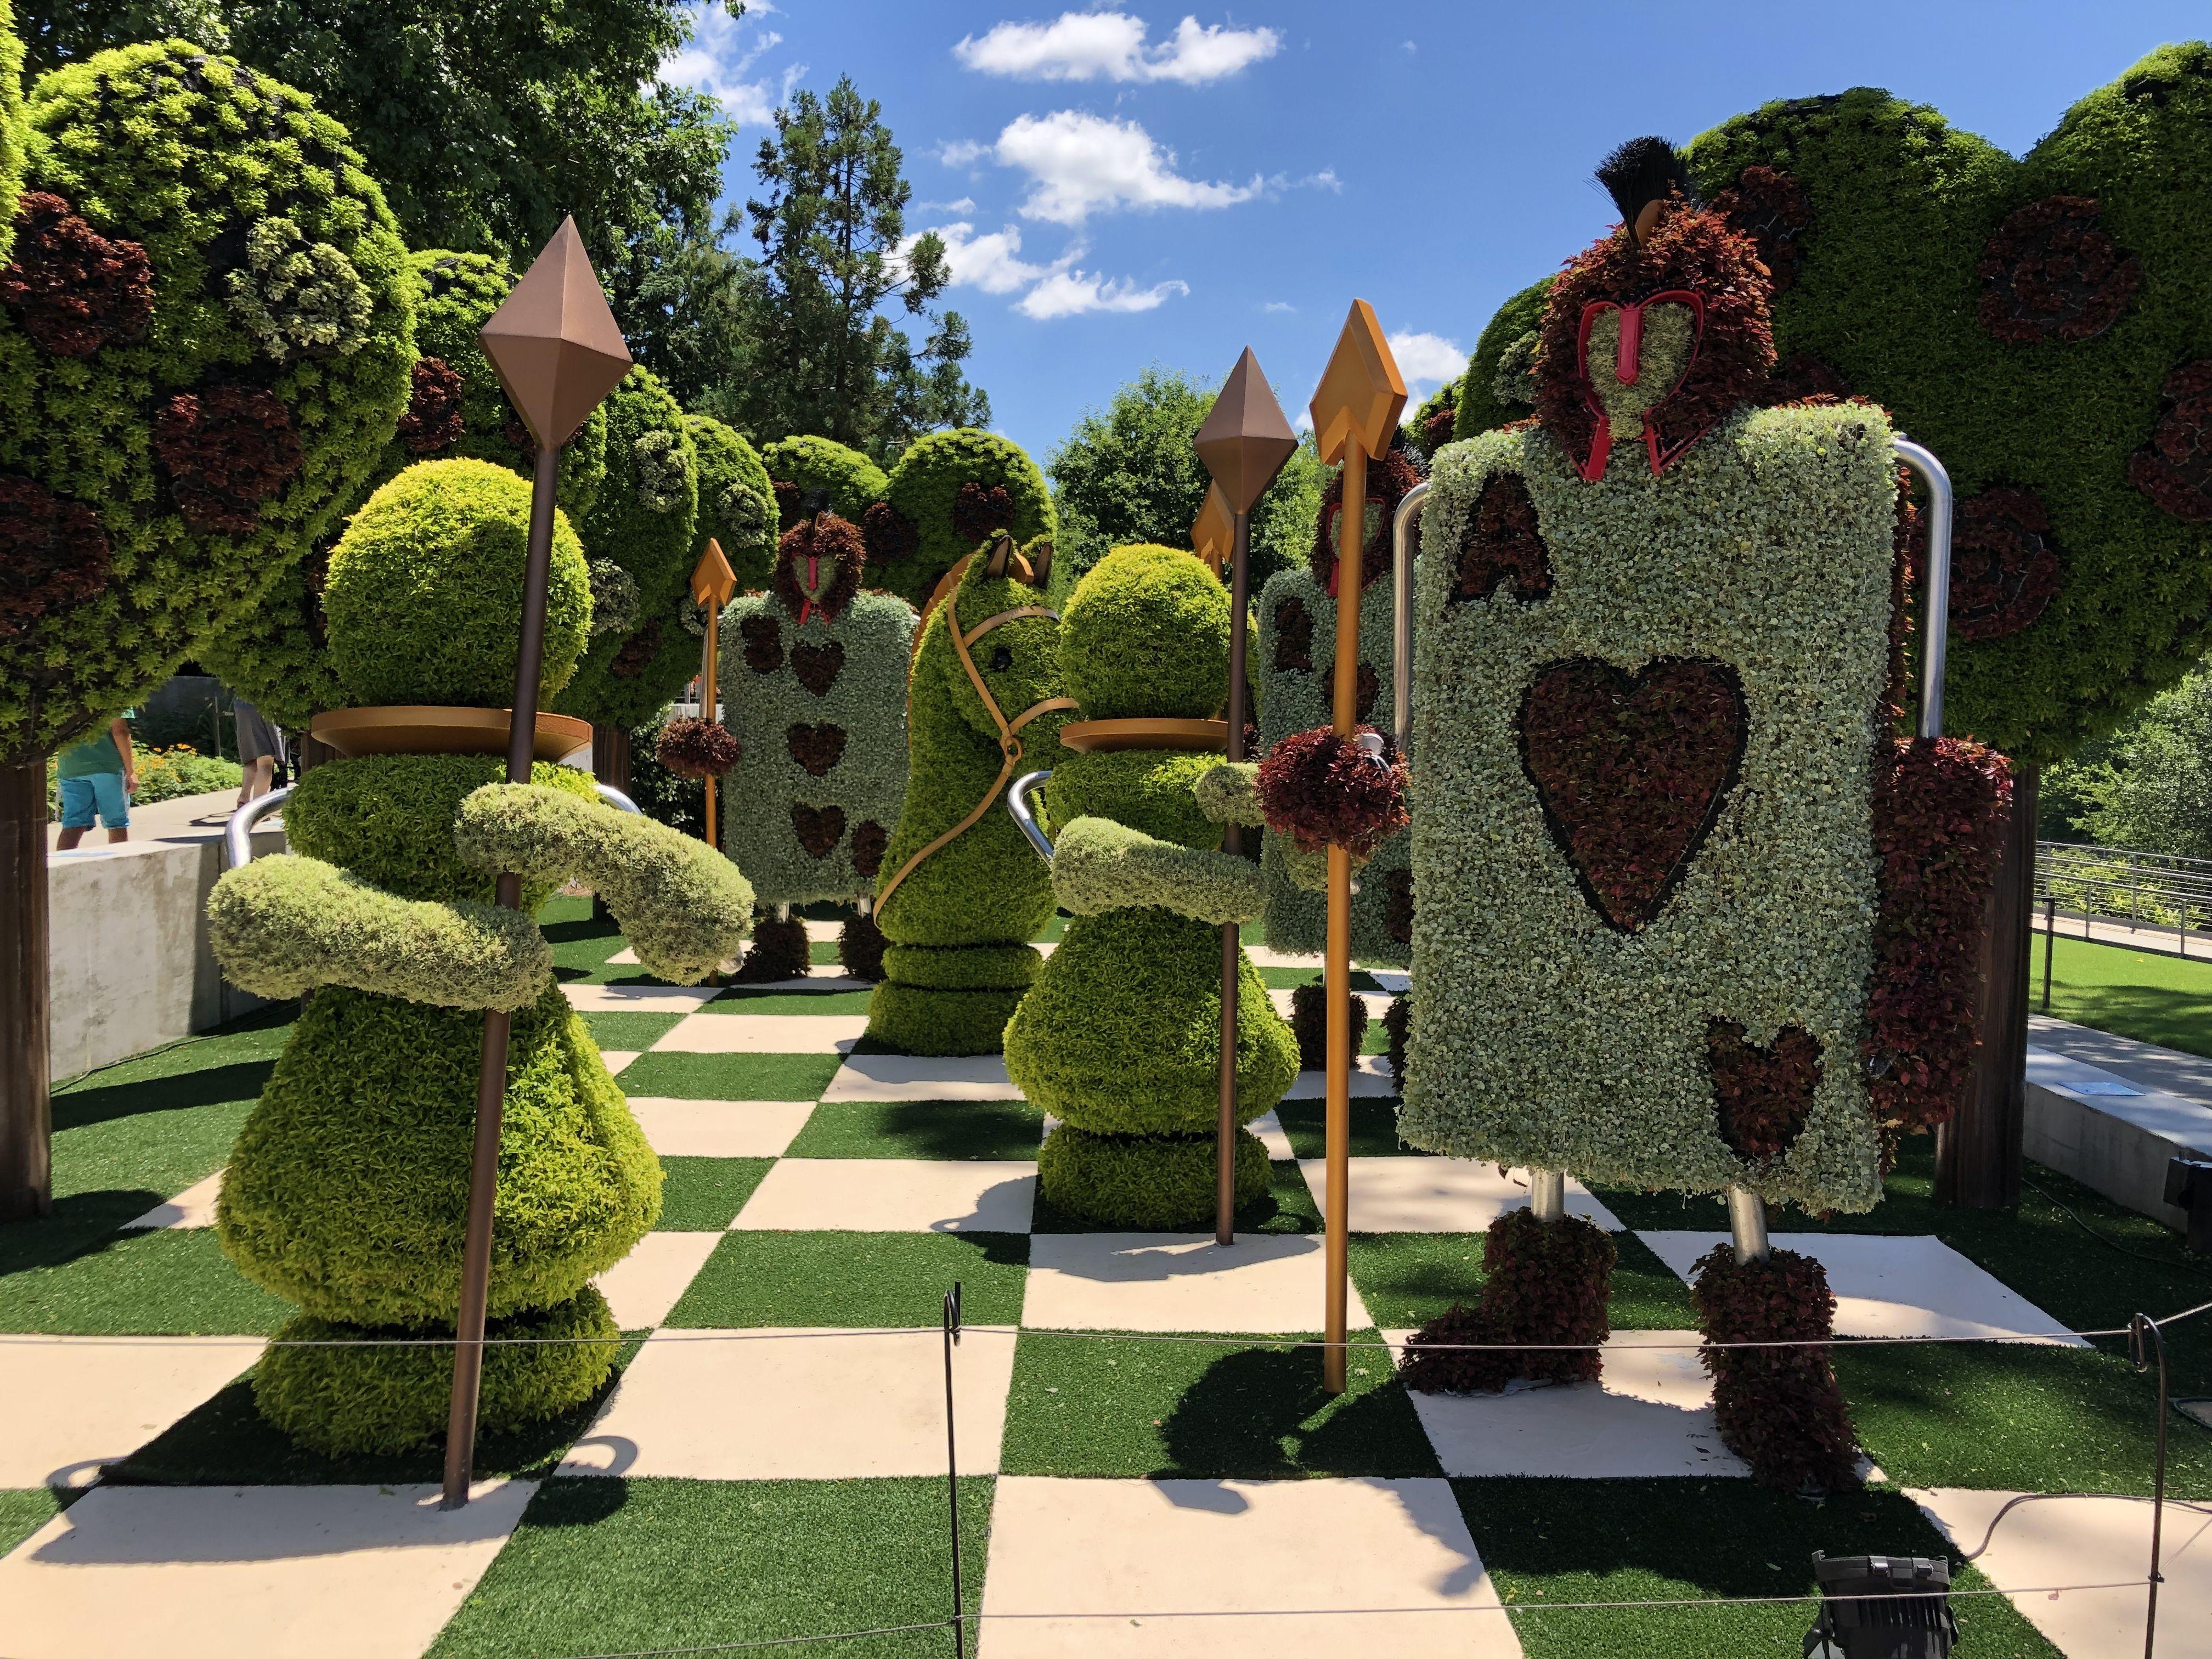 6525a0af967eb0e36d49ff2f09b84162 - Botanical Gardens Mother's Day Brunch 2019